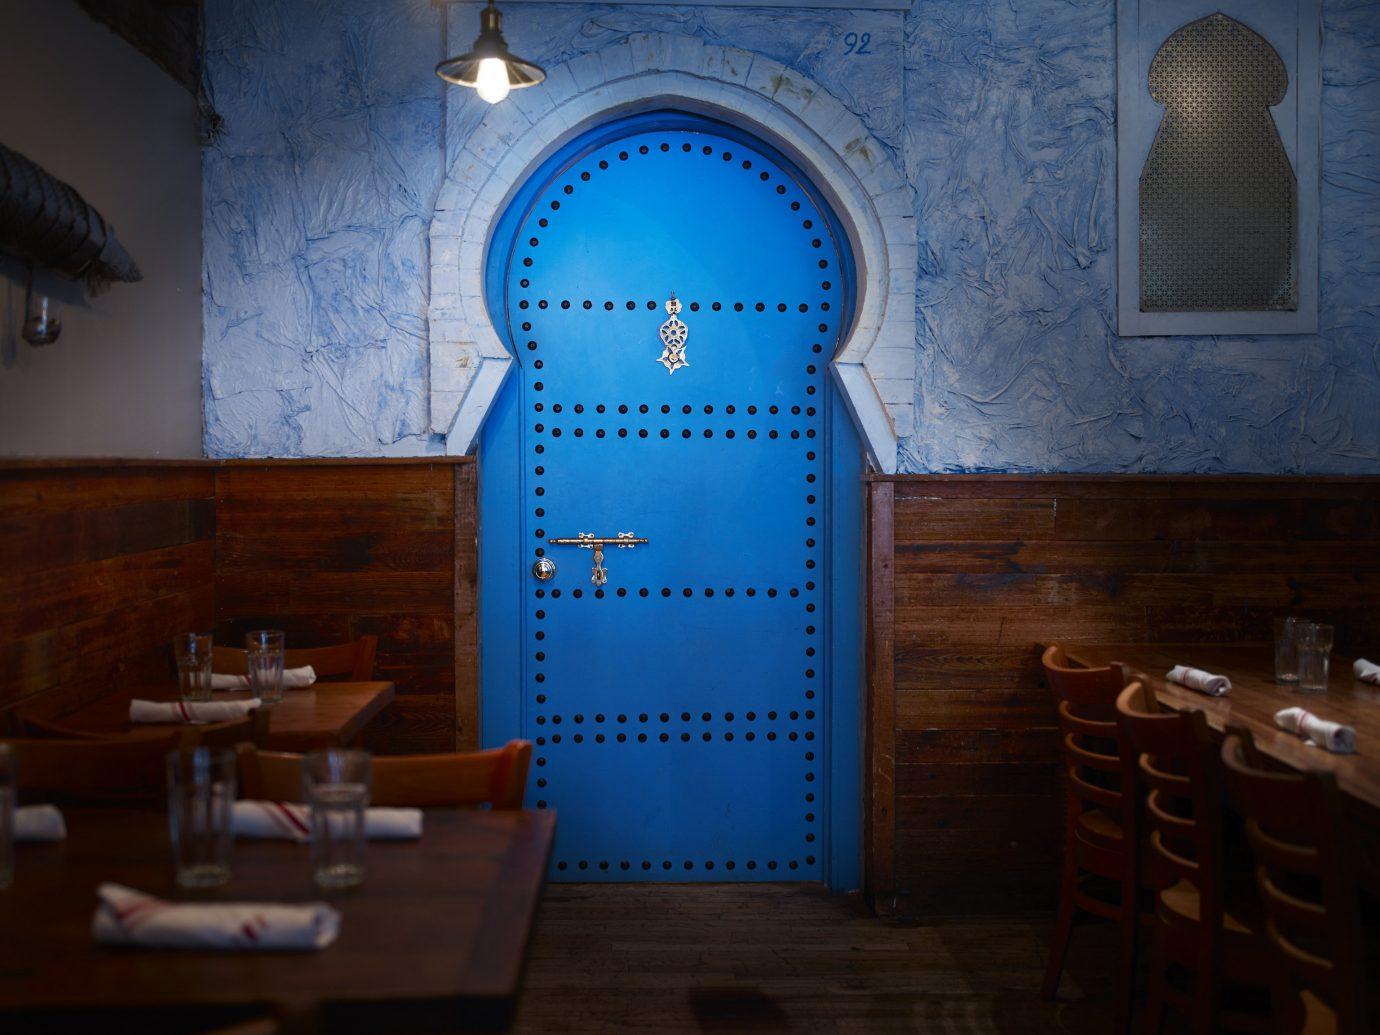 Blue Quarter, New York City